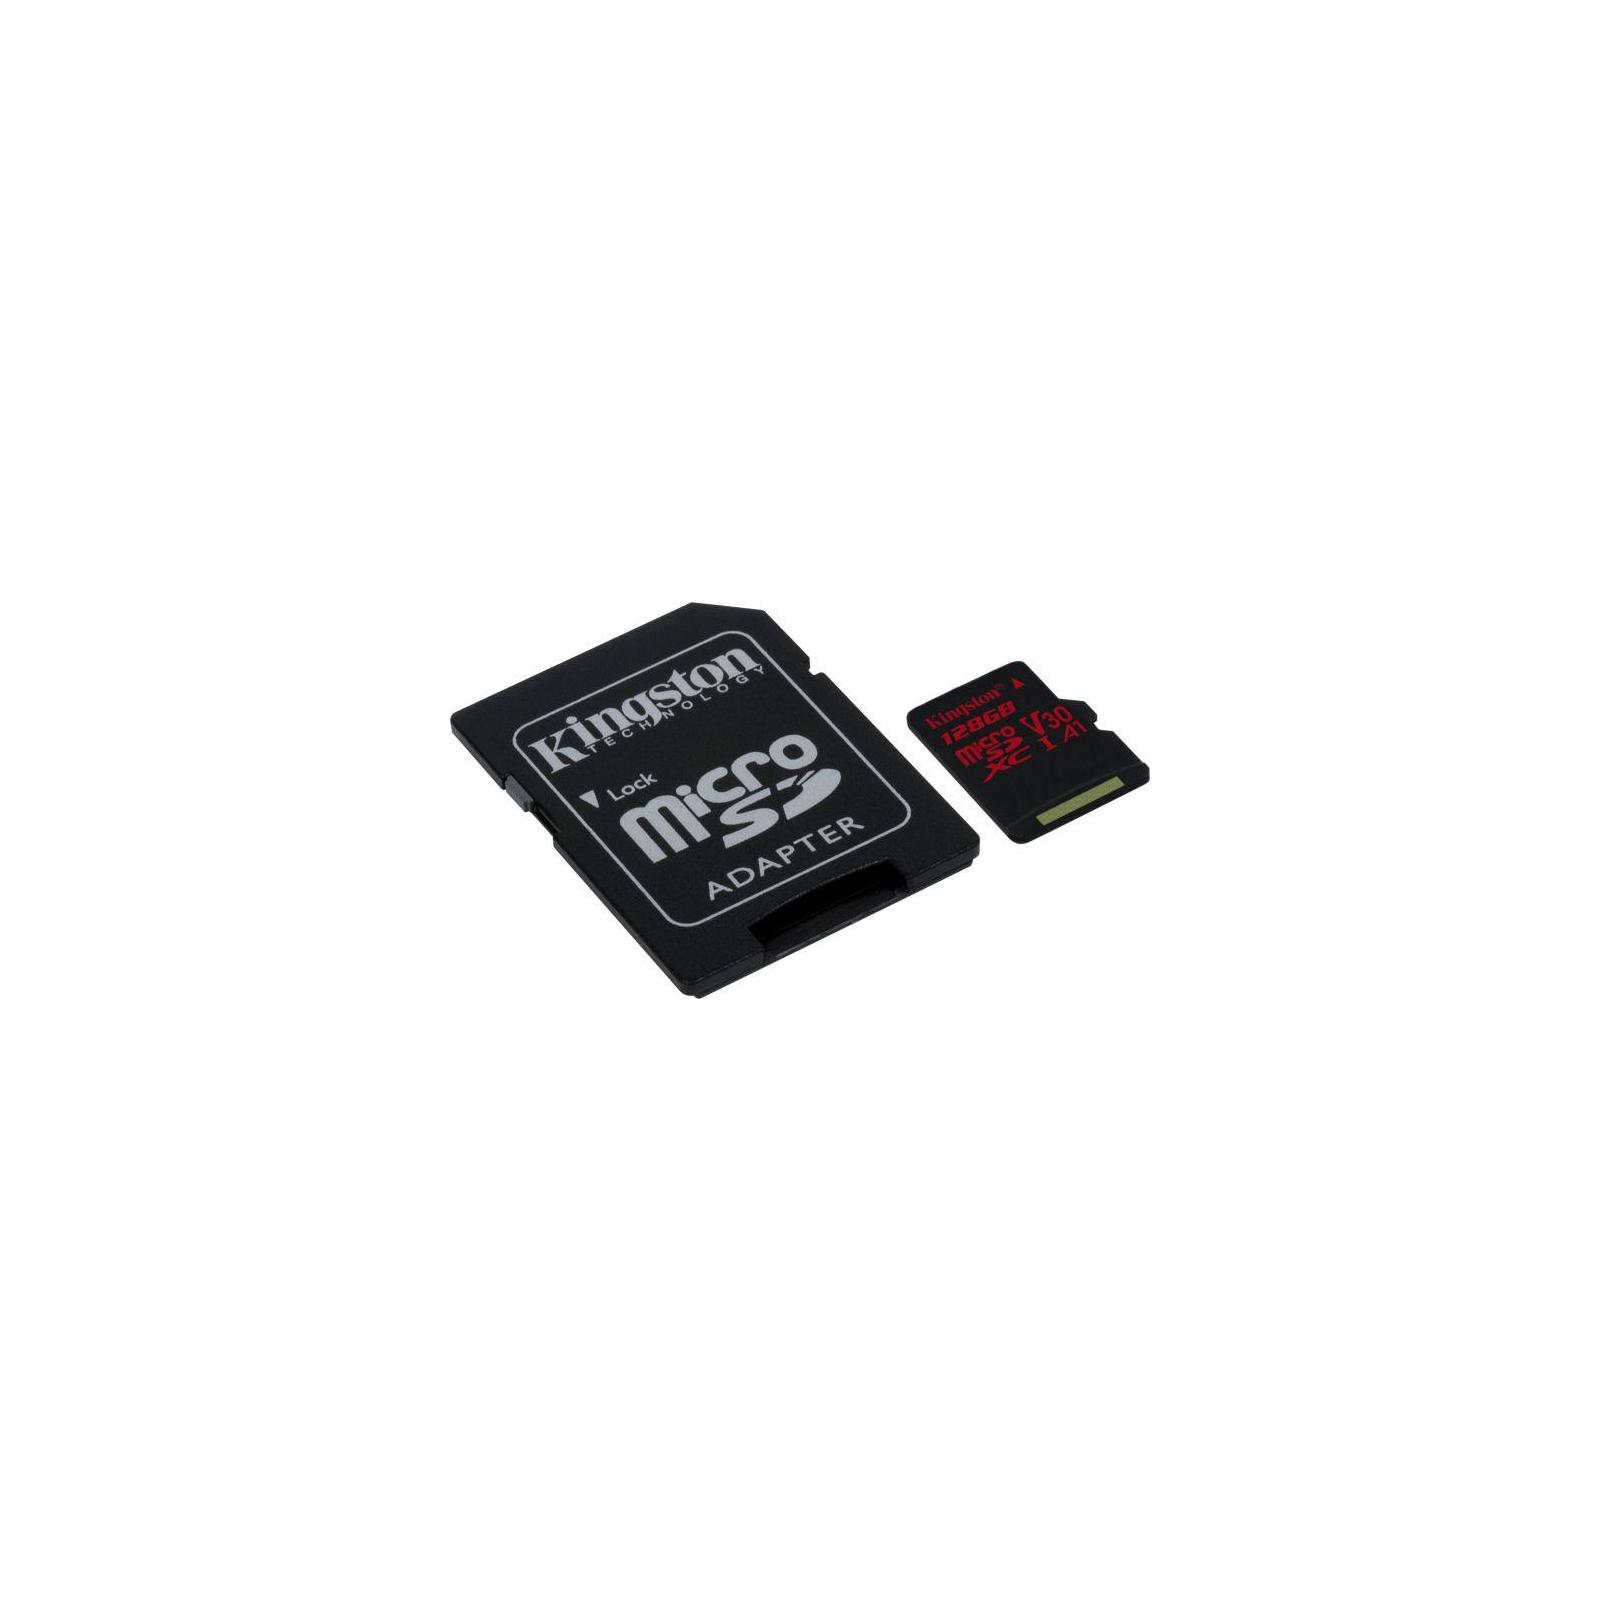 Карта памяти Kingston 128GB microSDXC class 10 UHS-I U3 (SDCR/128GB) изображение 2